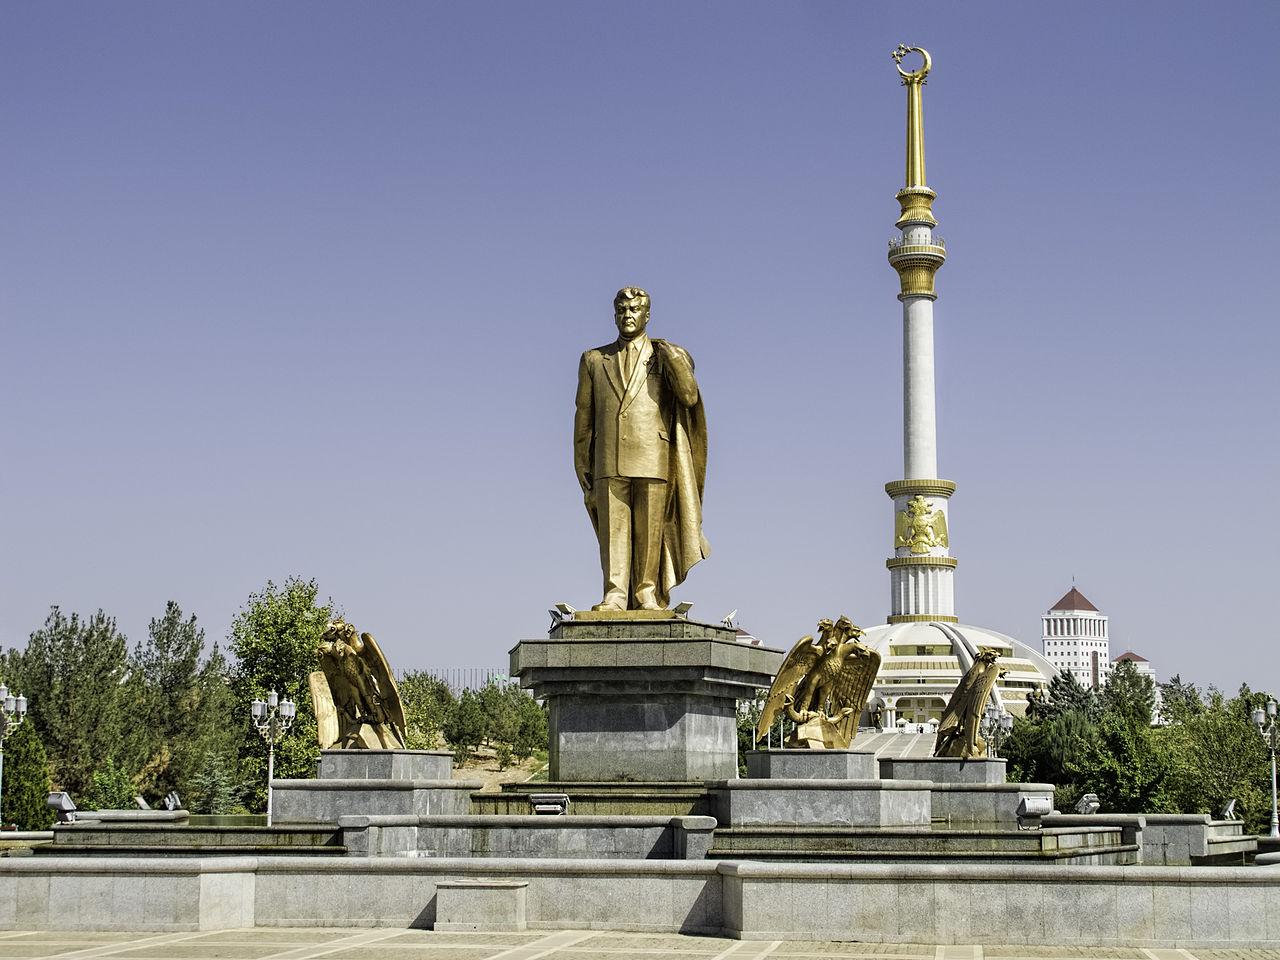 Golden statue of Niyazov 20140924 Turkmenistan 0087 Ashgabat Dan Lundberg